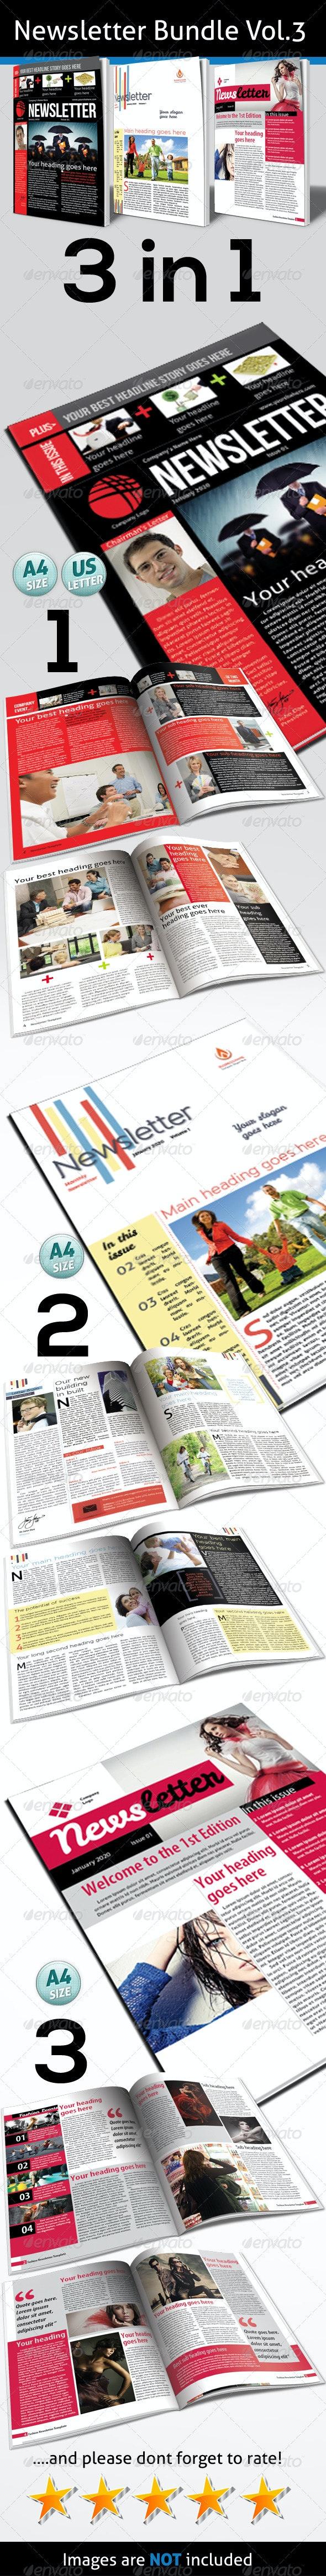 Newsletter Bundle Vol.3